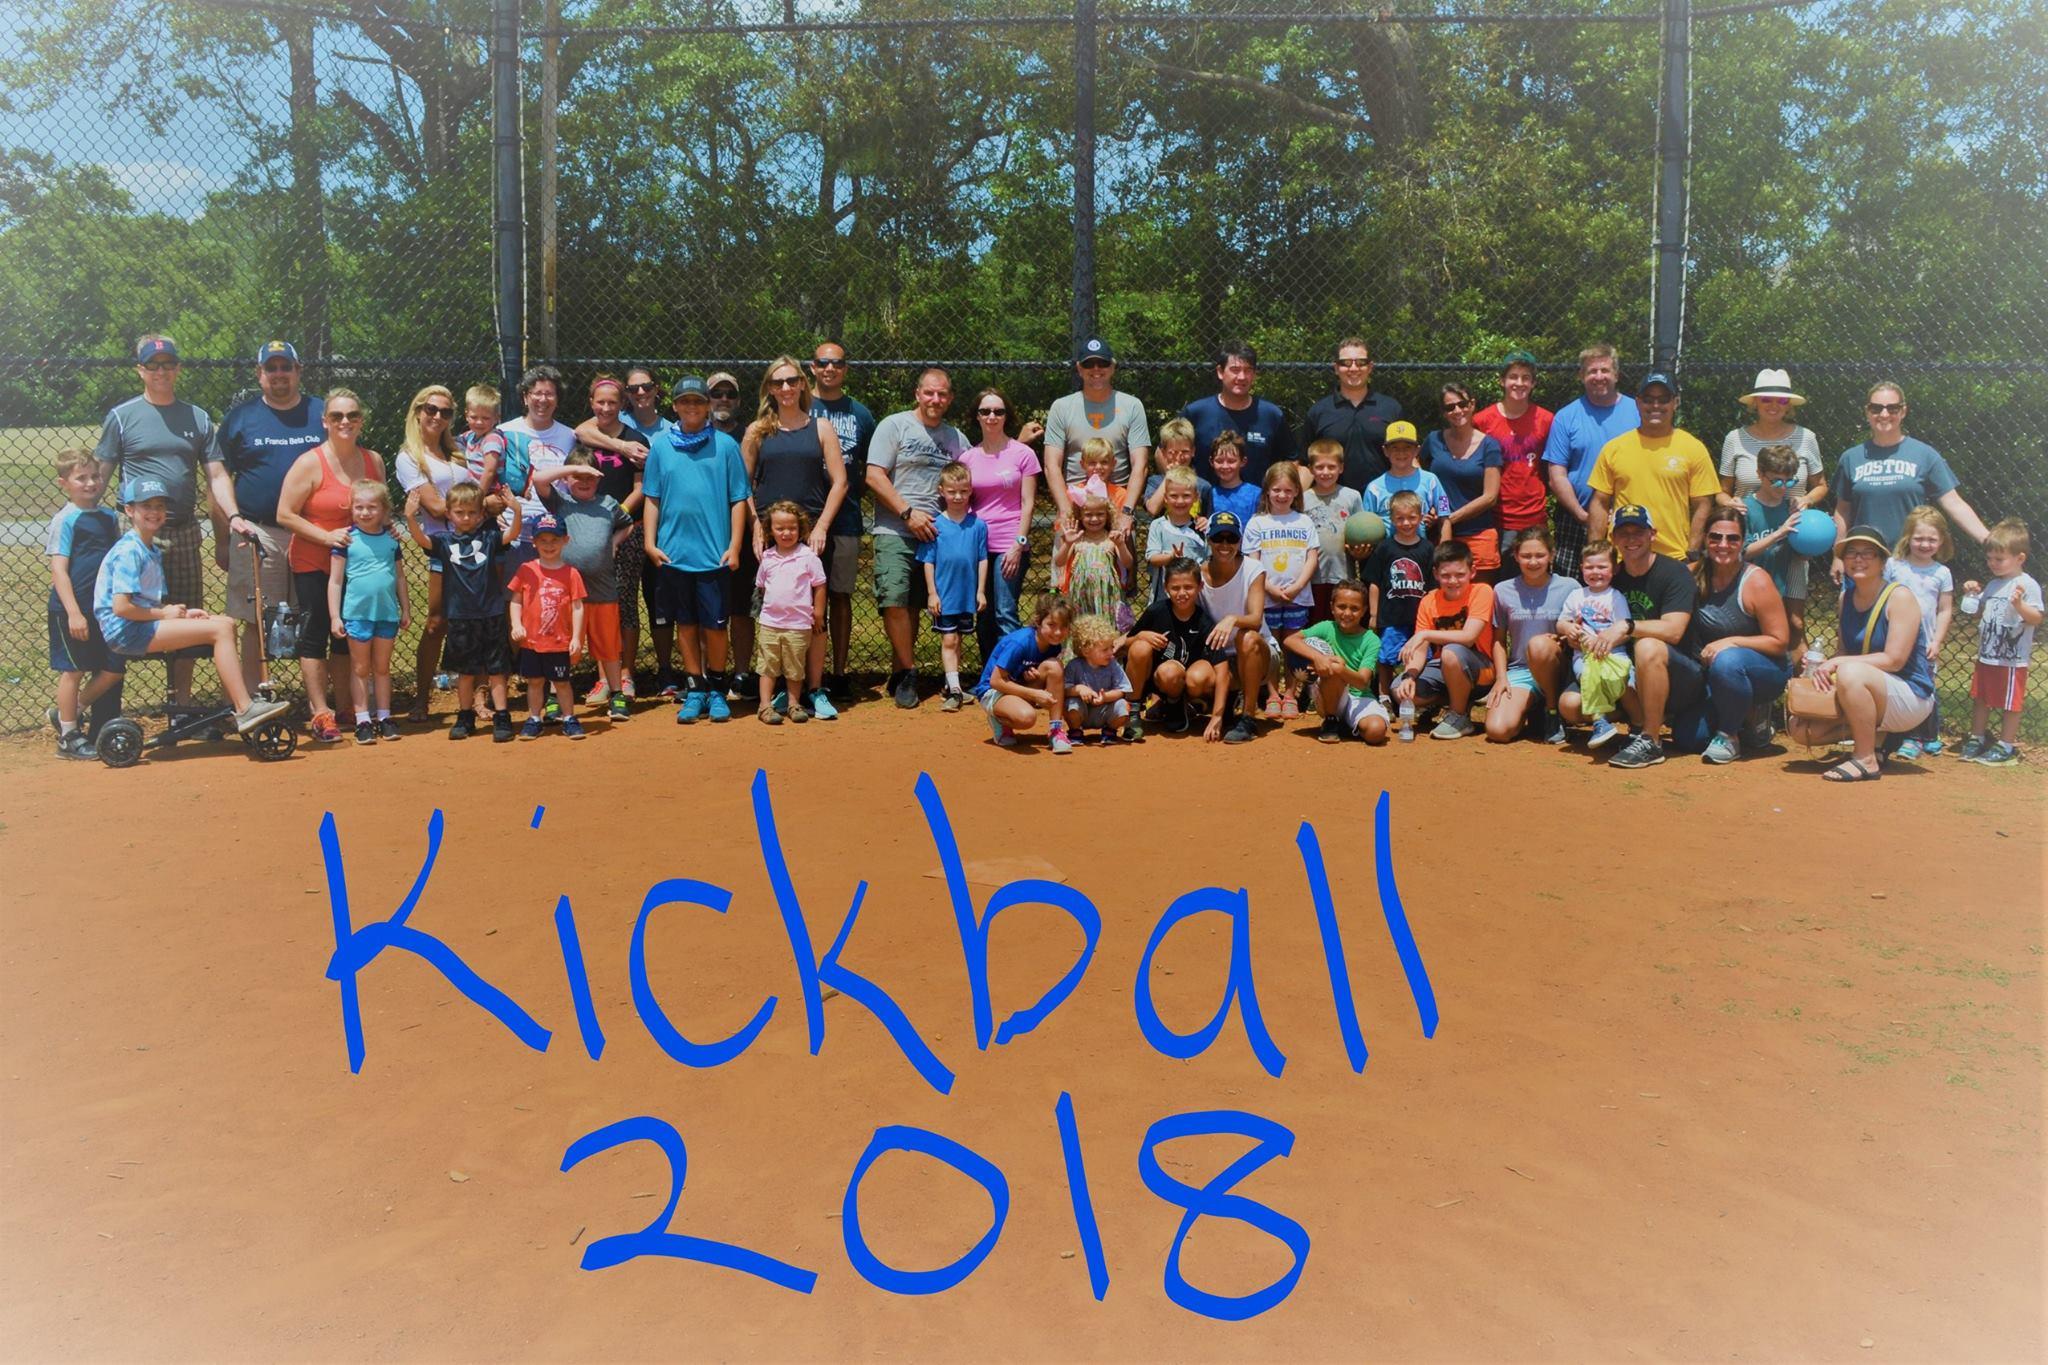 Family Kickball